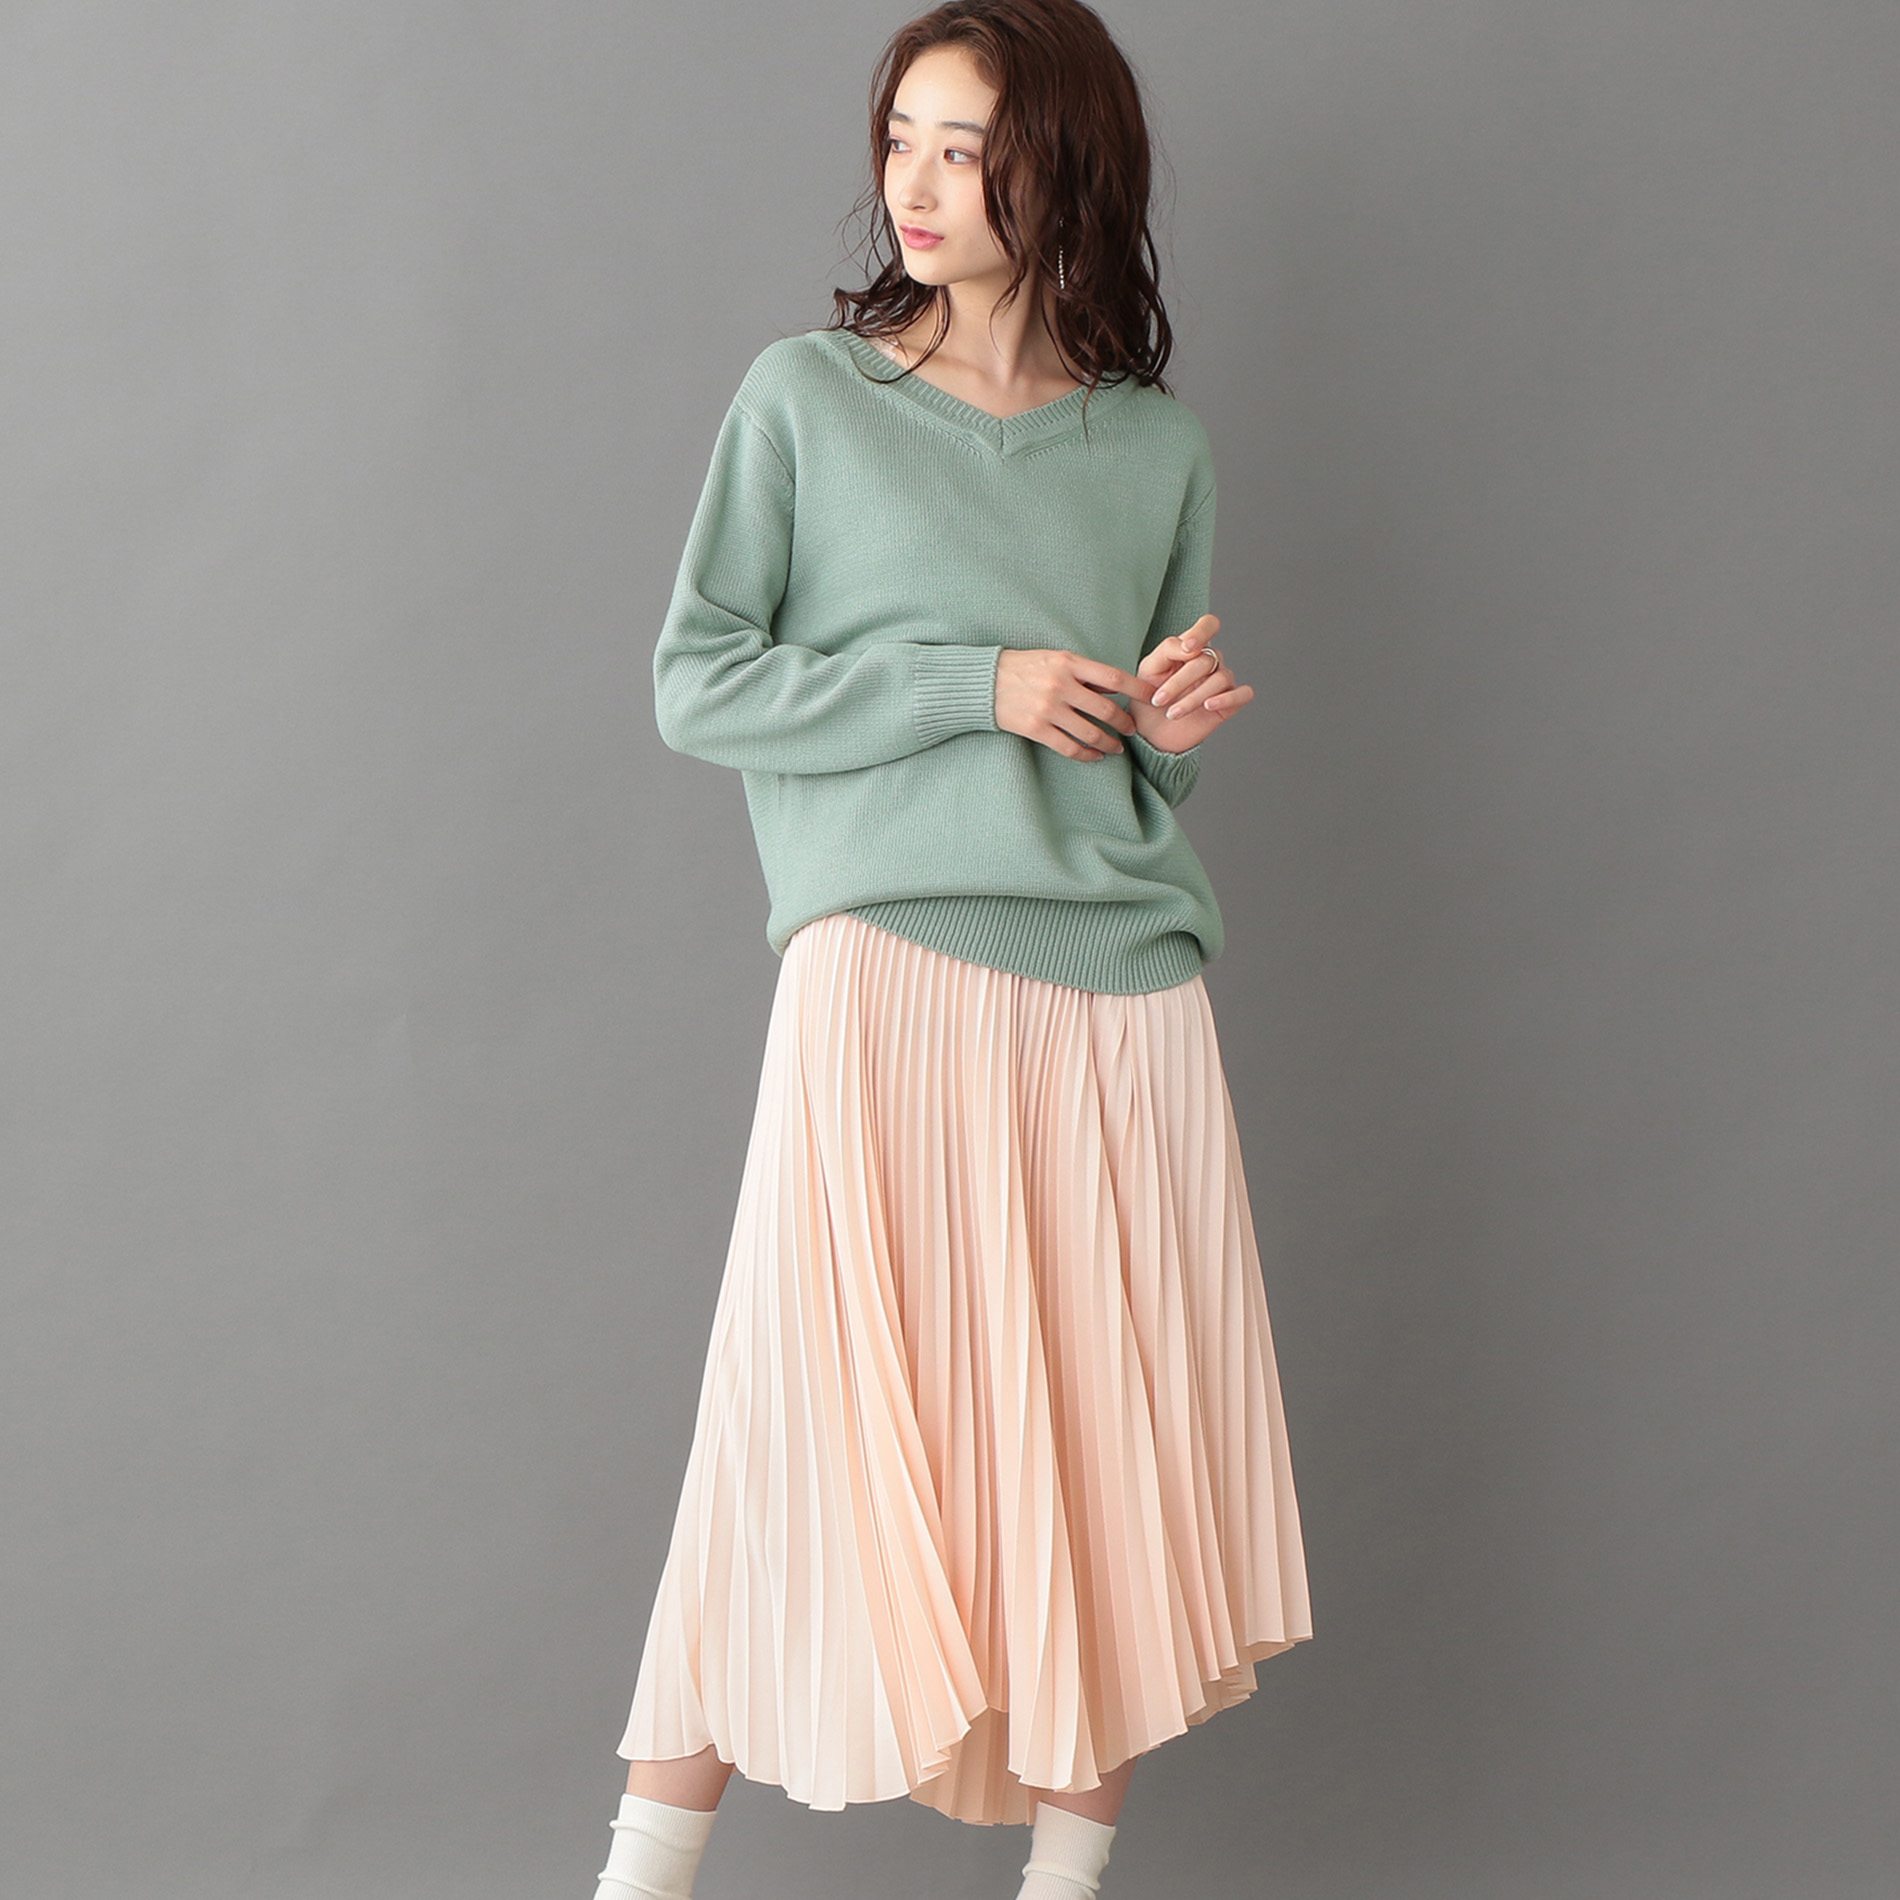 【ドレス人気NO.1】レイヤードプリーツドレス